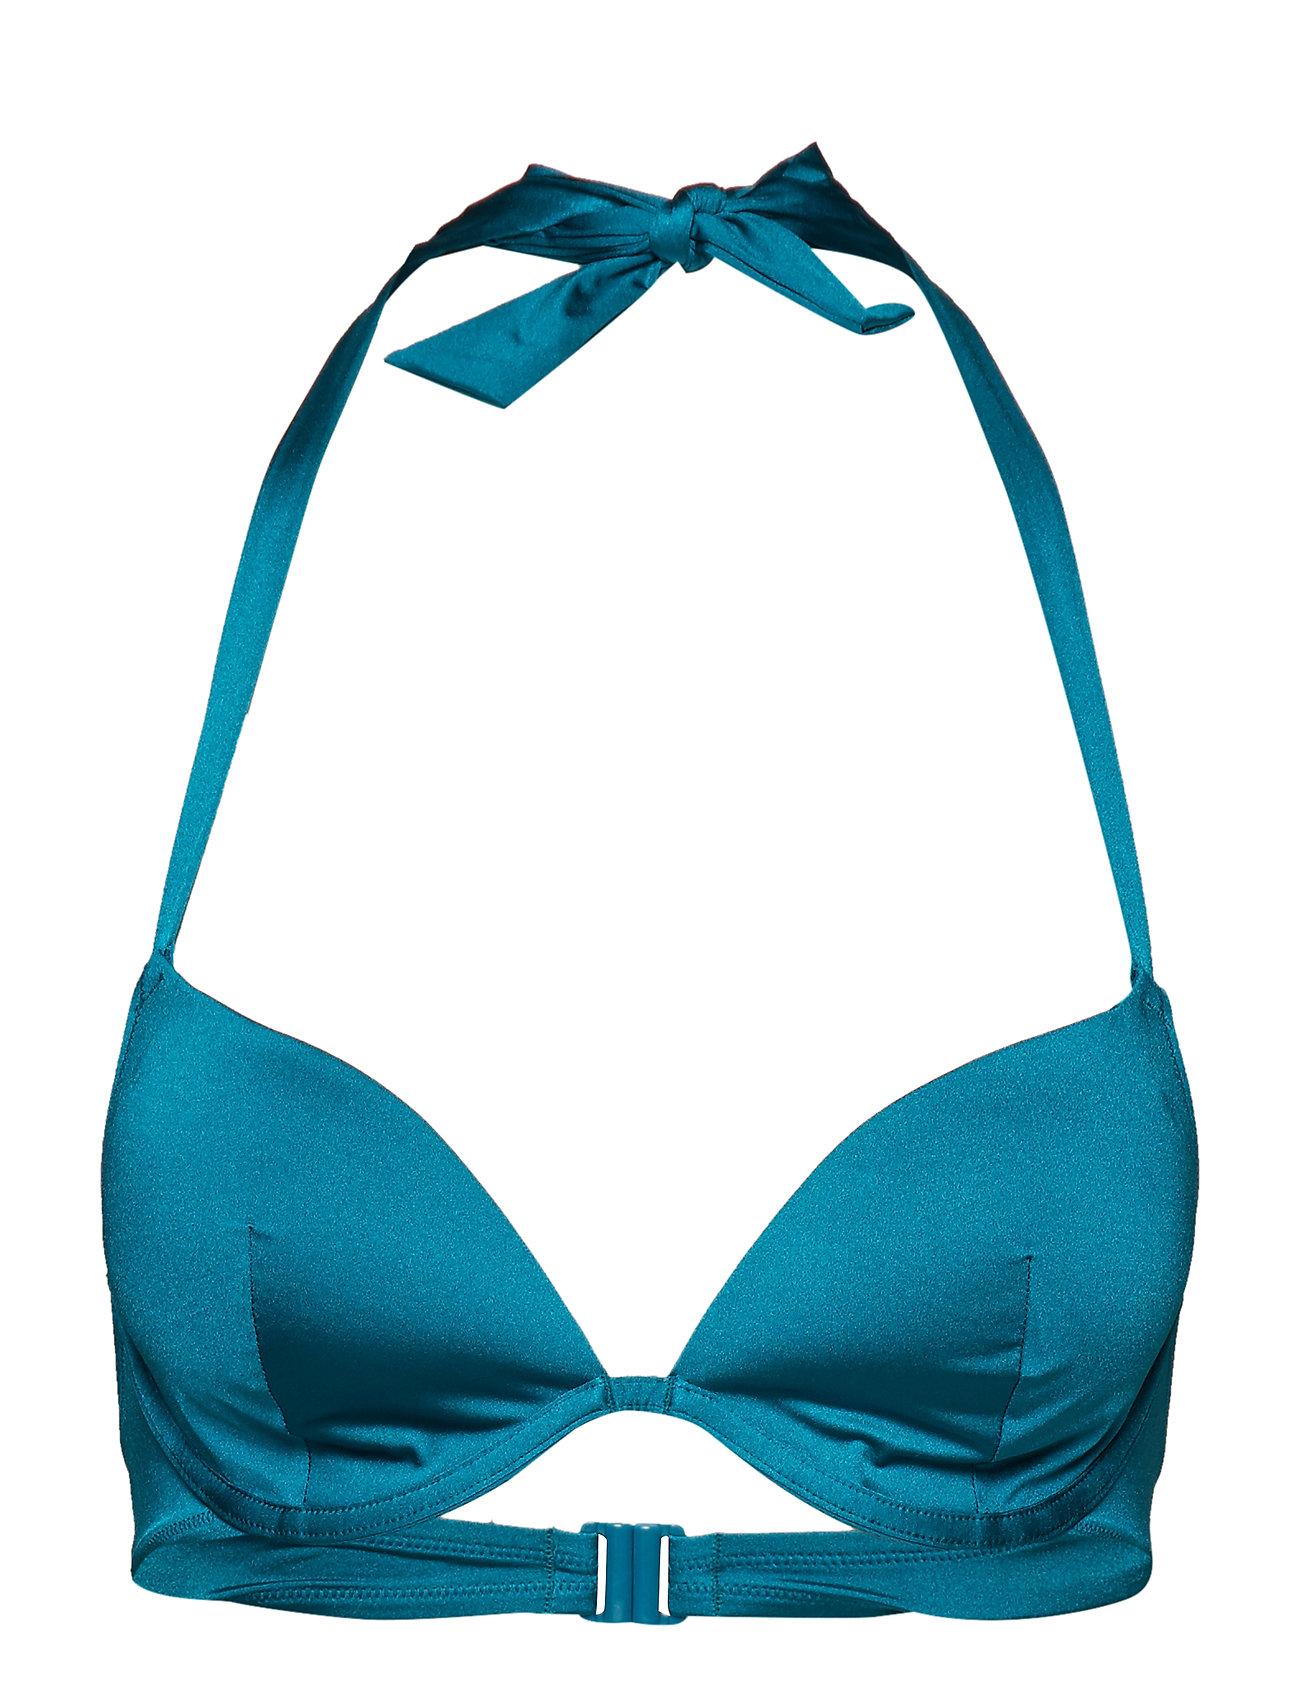 Skiny L. padded bra - SHINY GREEN